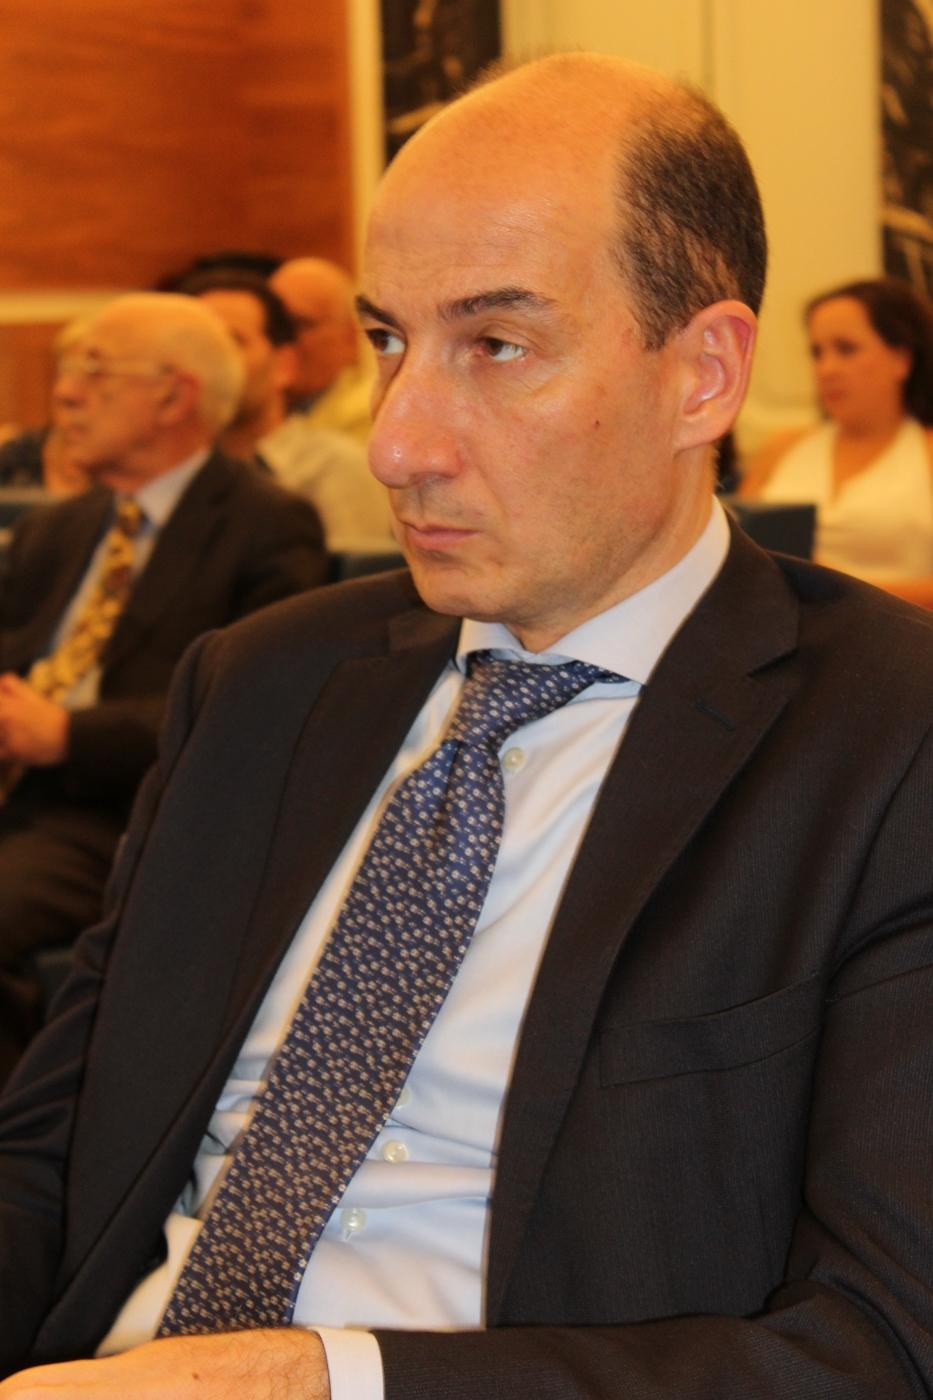 Giorgio Spaziani Testa